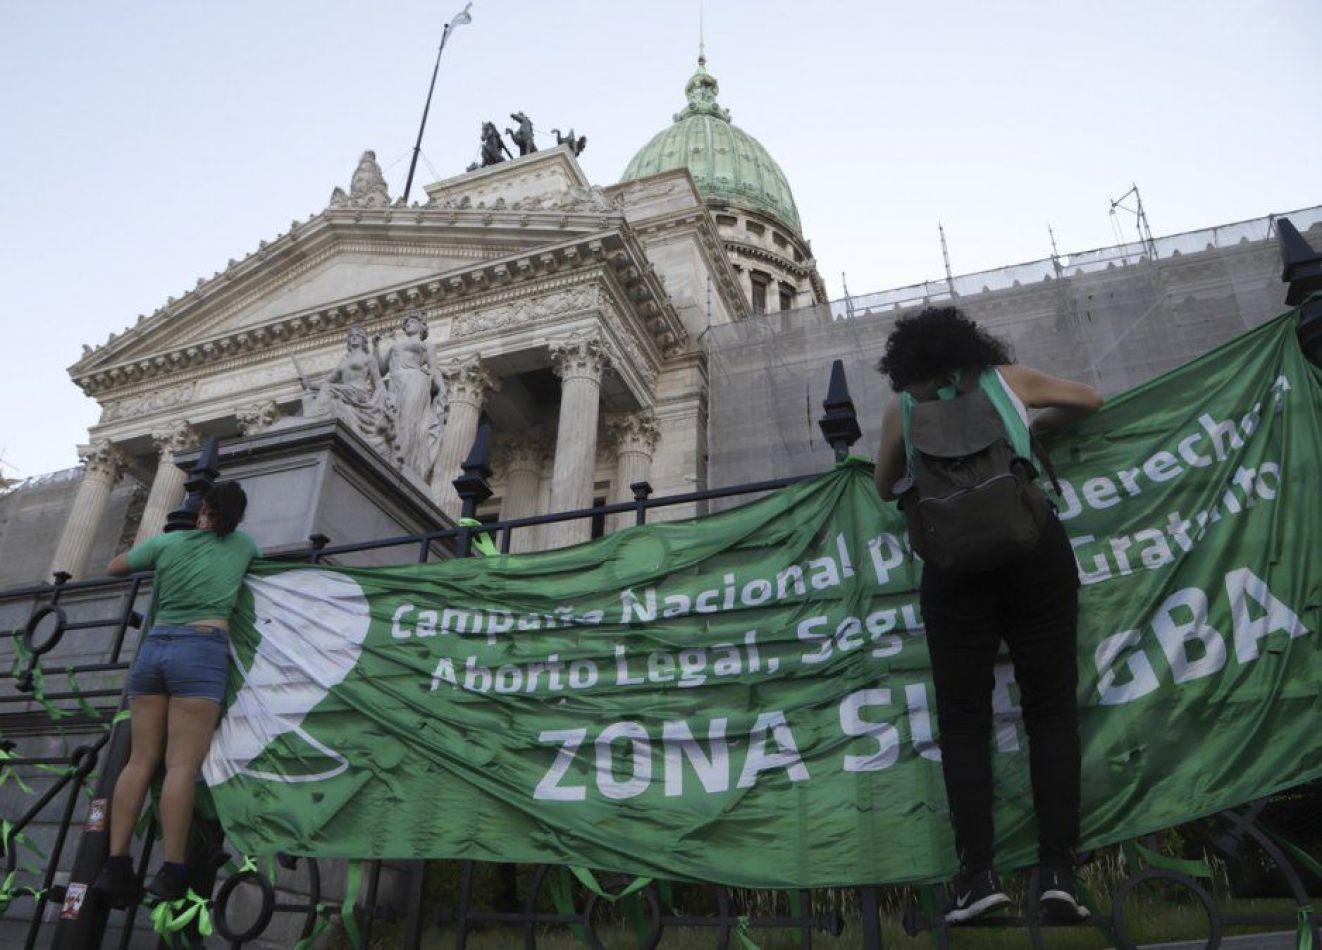 Foto: Mariano Sánchez/ Noticias Argentinas